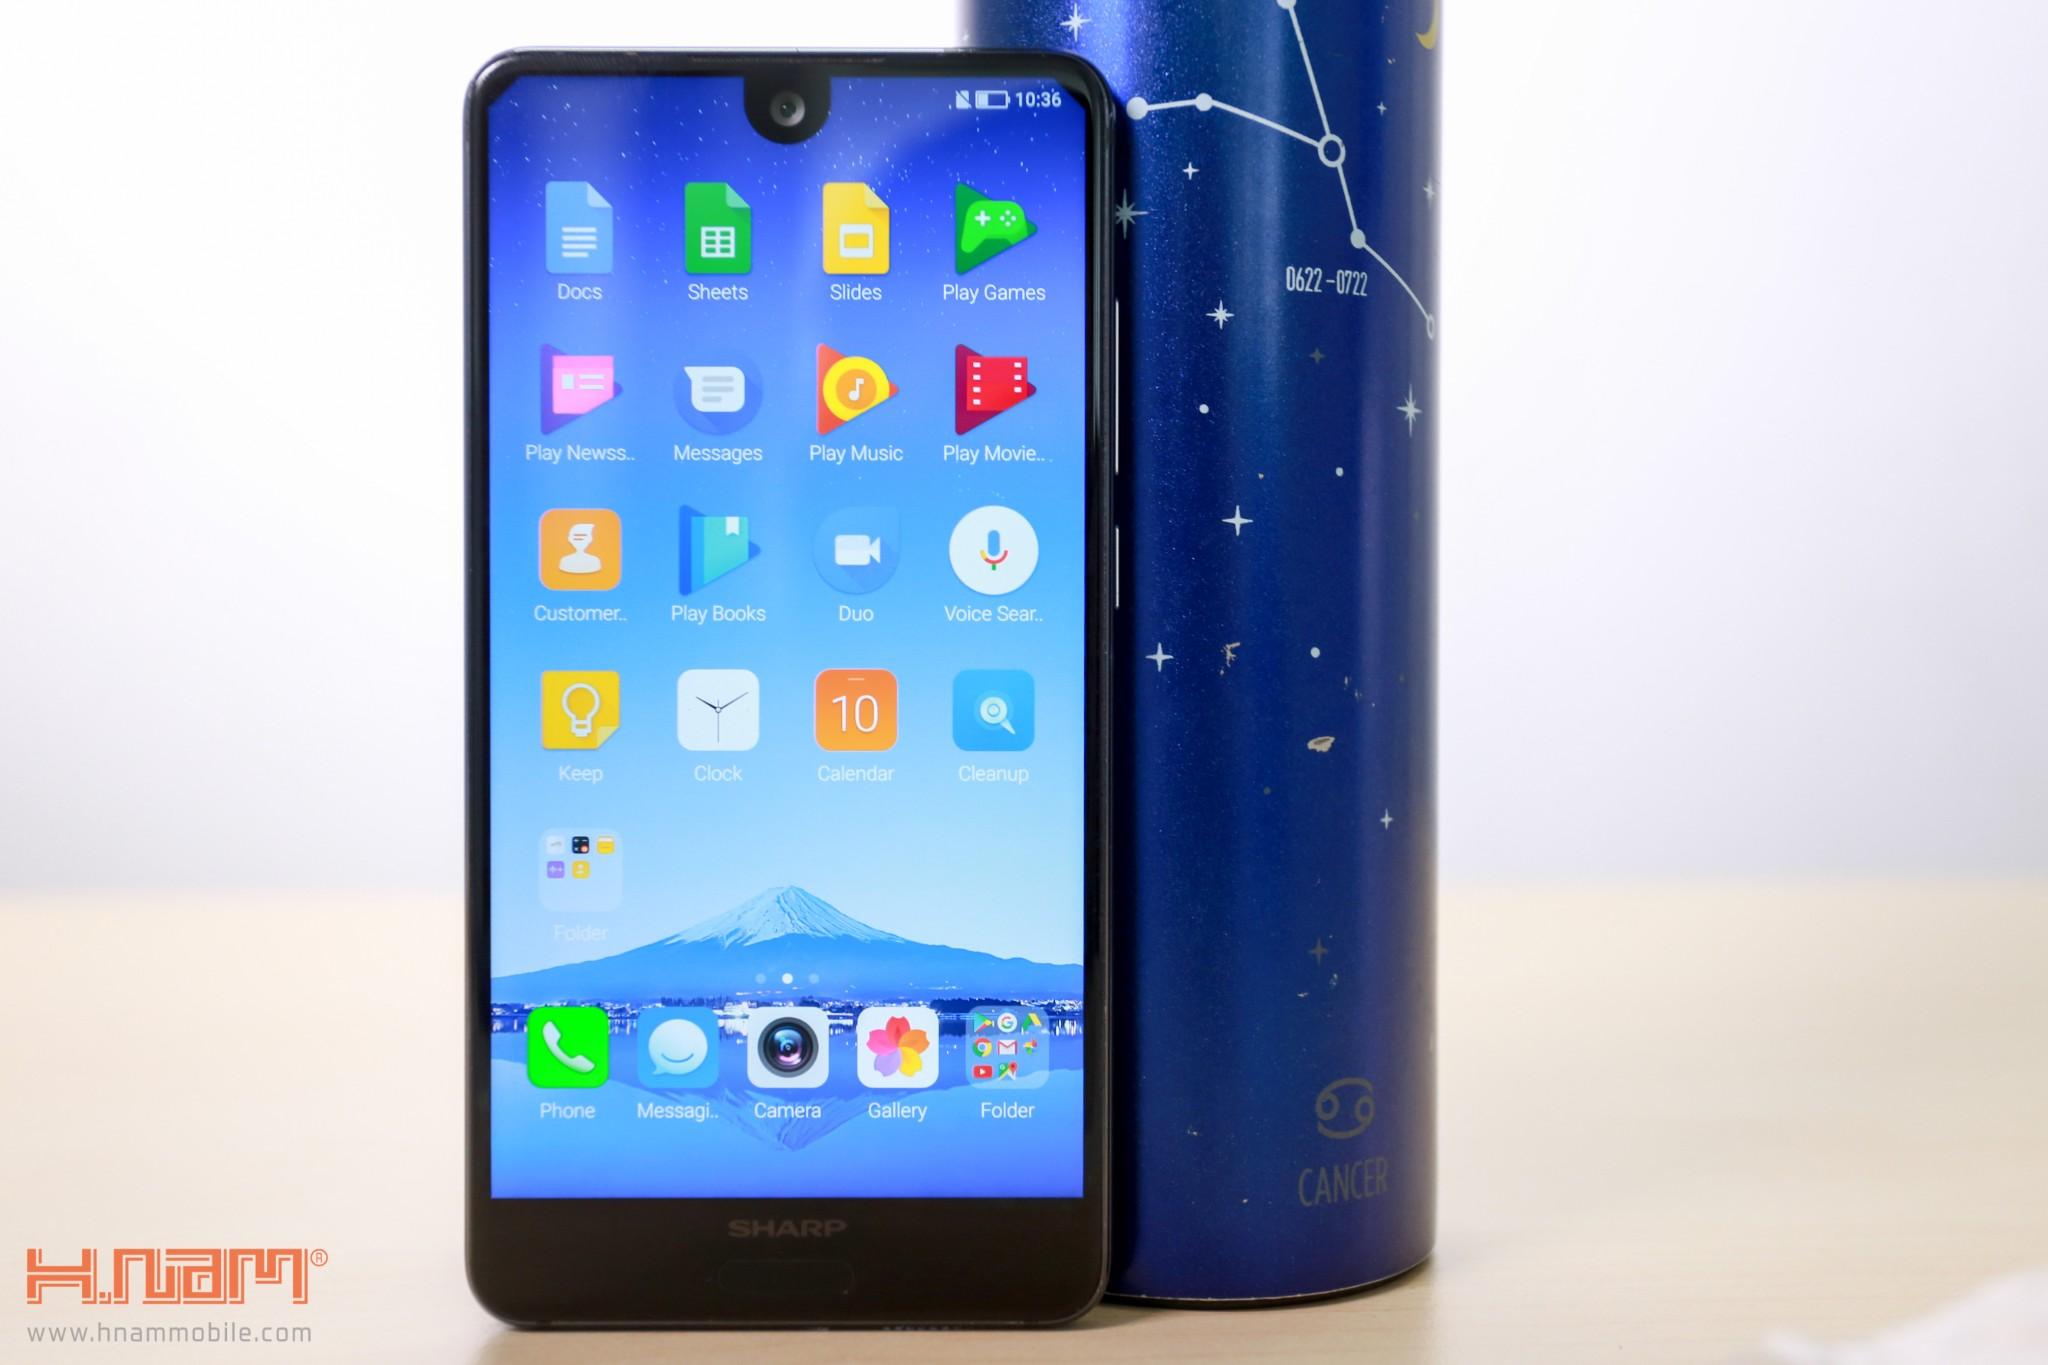 Trên tay Sharp Aquos S2 phiên bản màu xanh tại Việt Nam hình 2